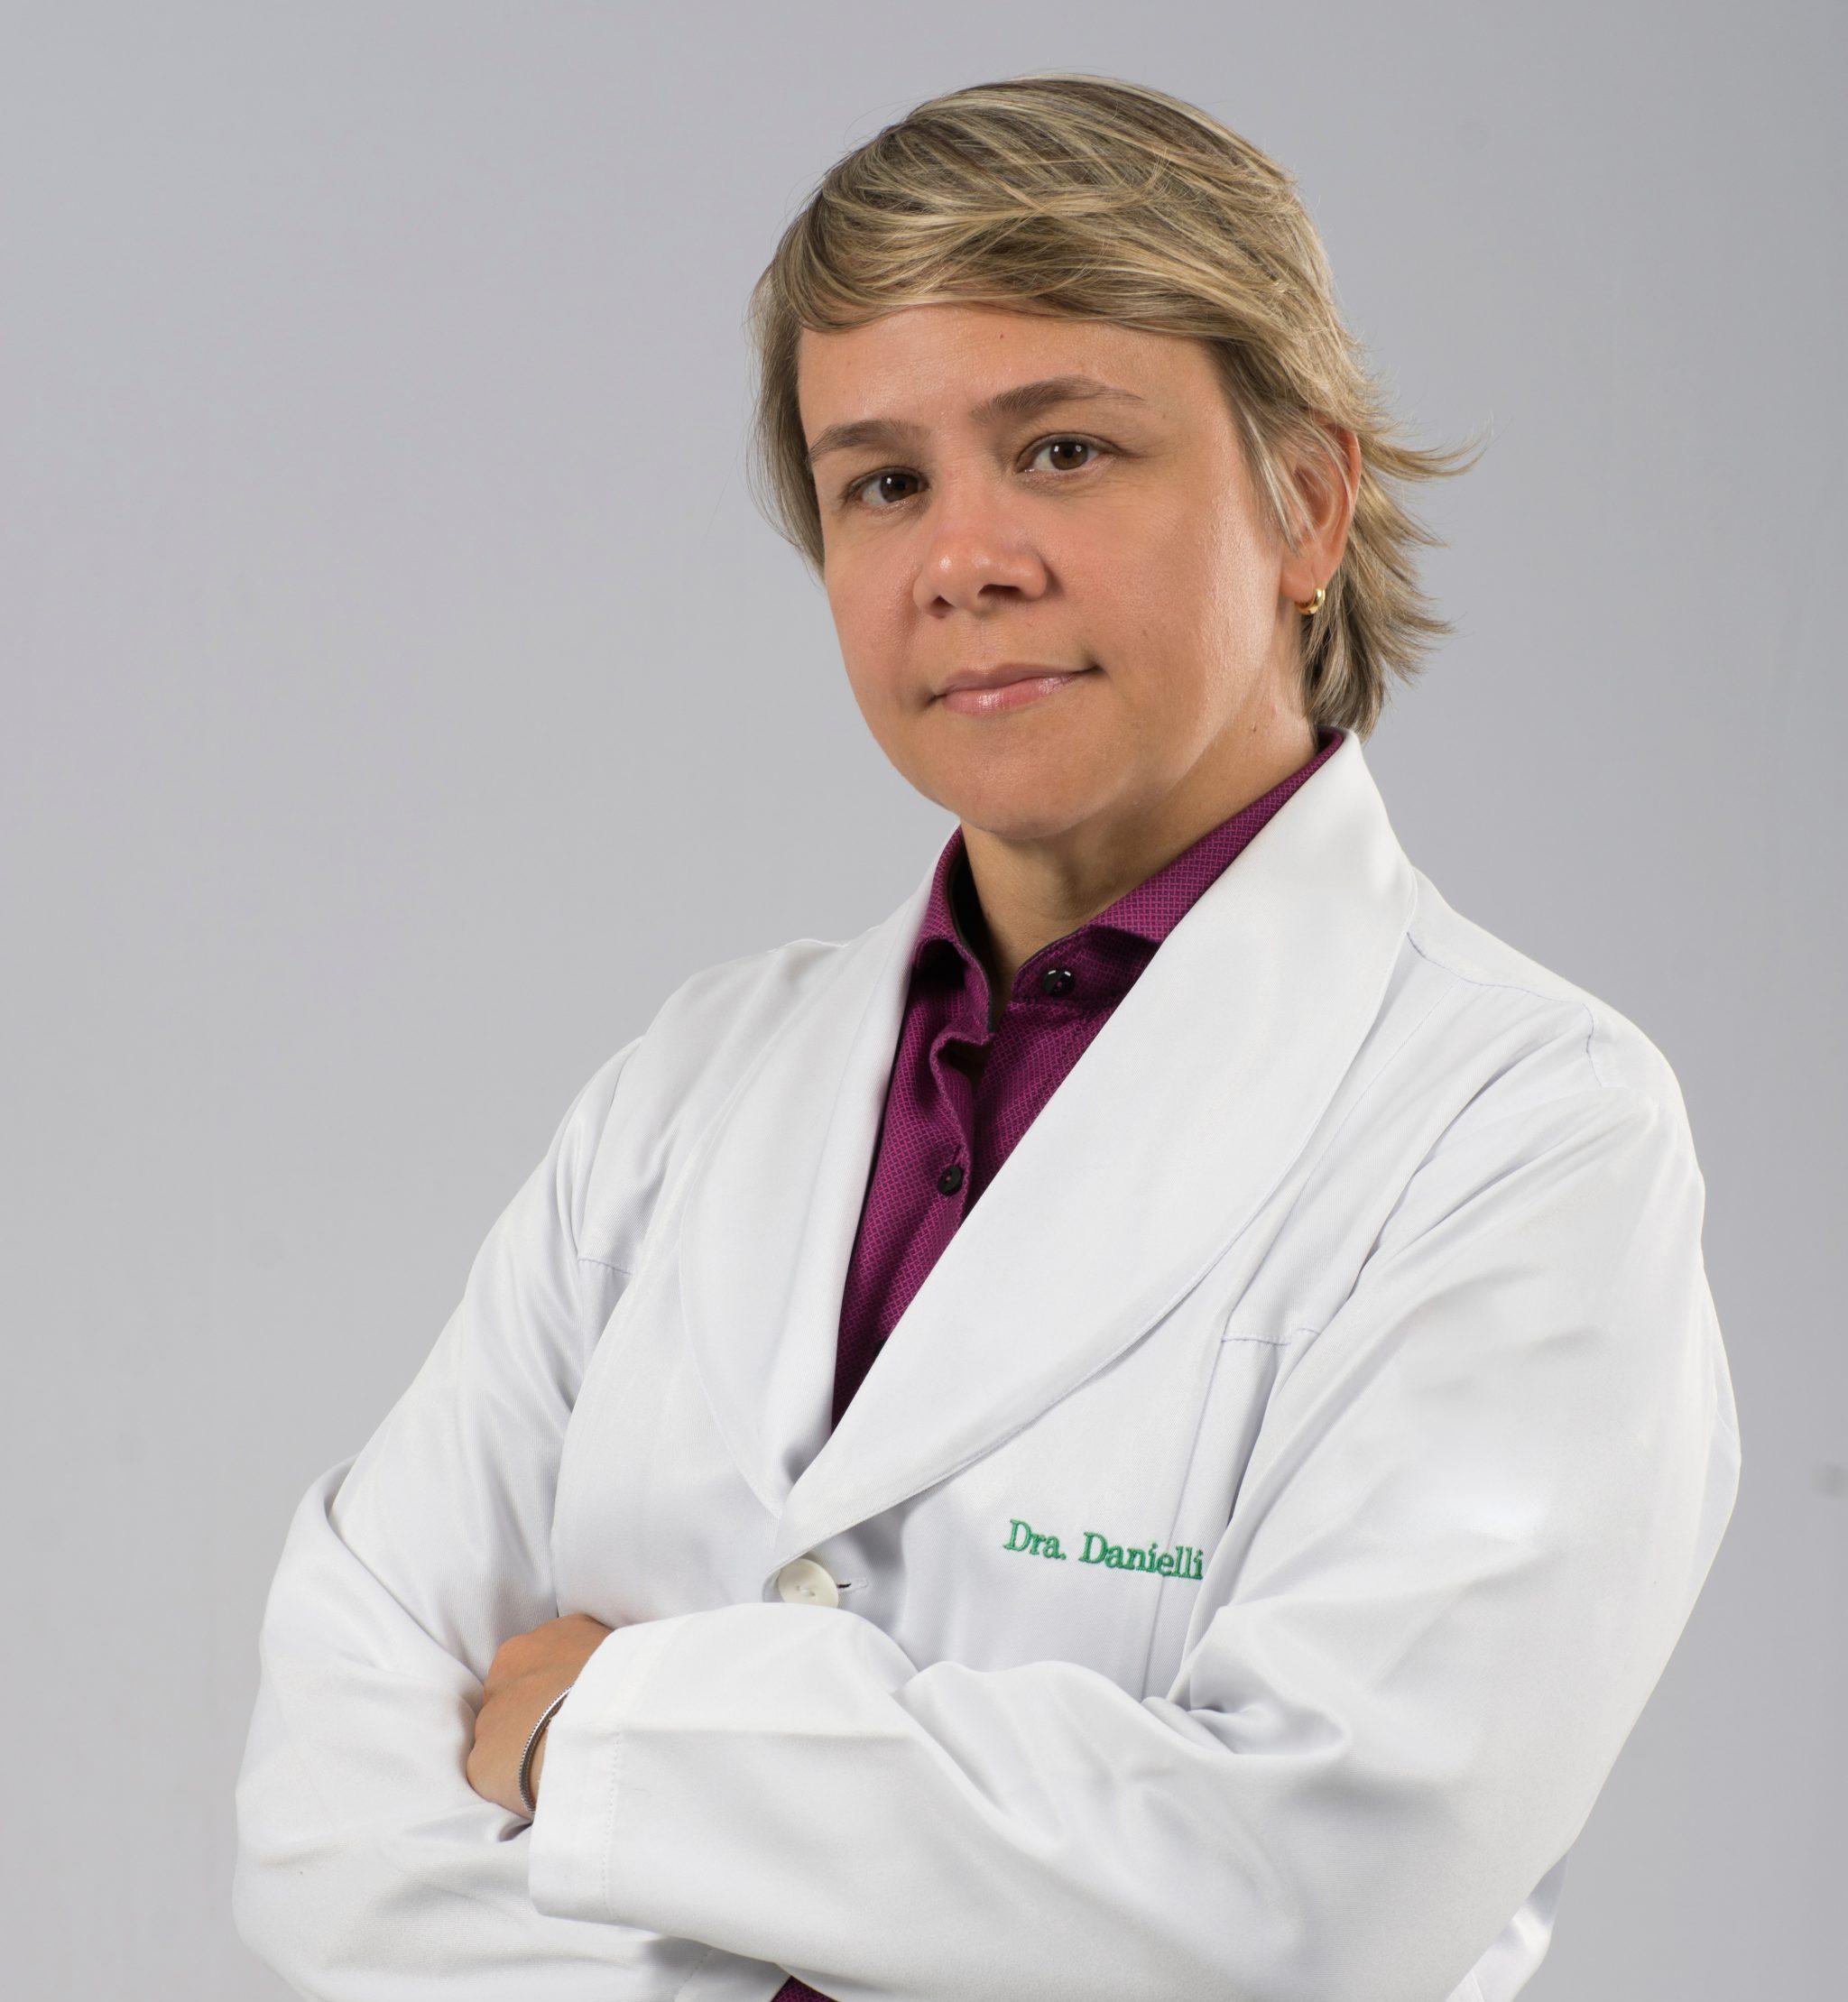 Dra. Danielli de Almeida Matias